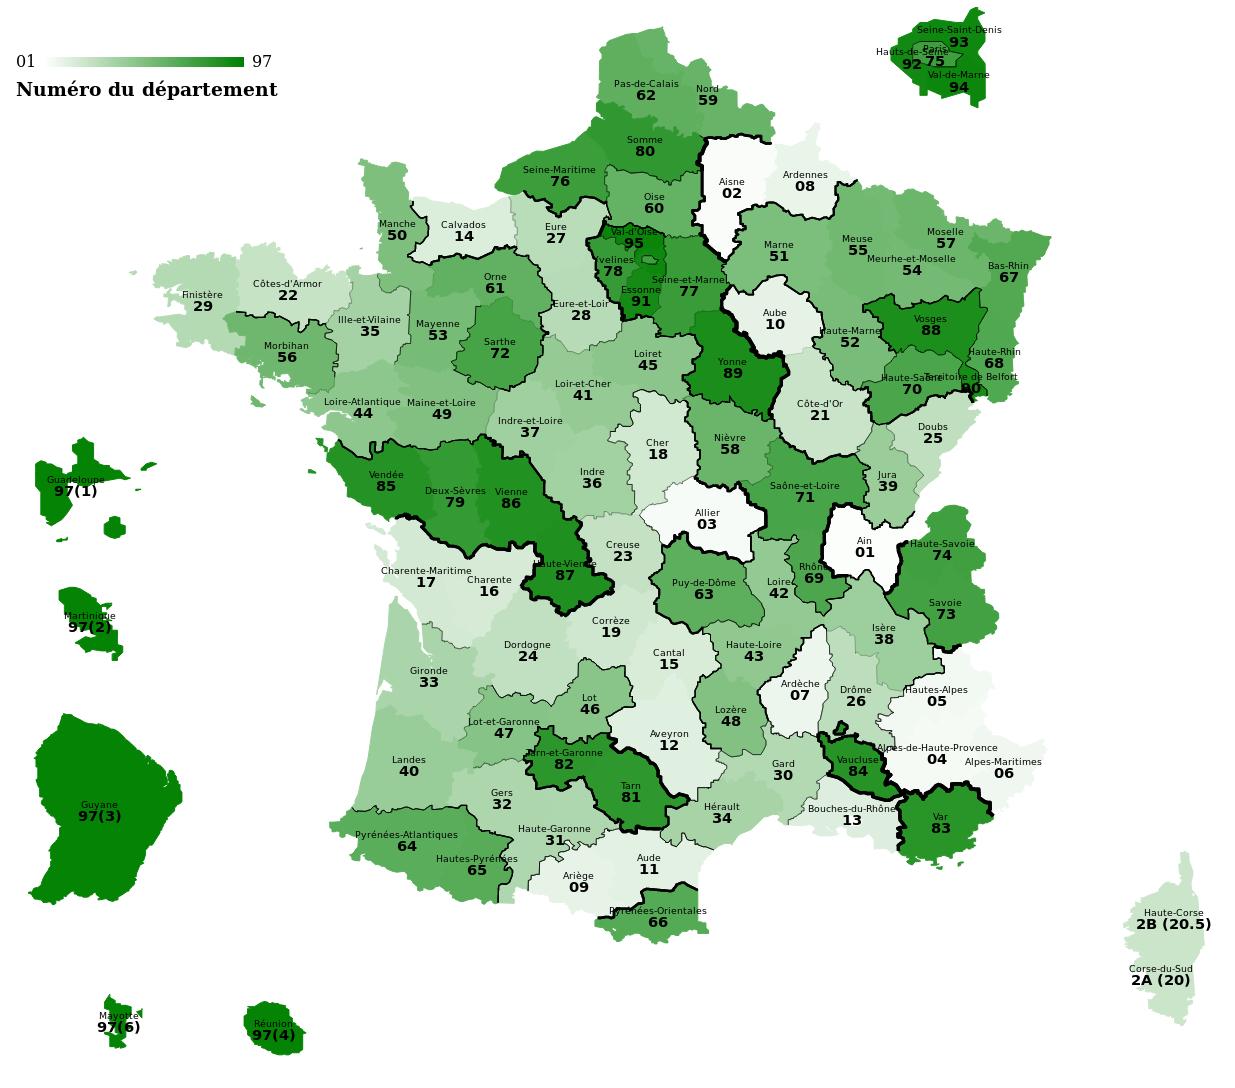 Carte Des Départements Suivant Leur Numéro, Et La Différence intérieur Numéro Des Départements